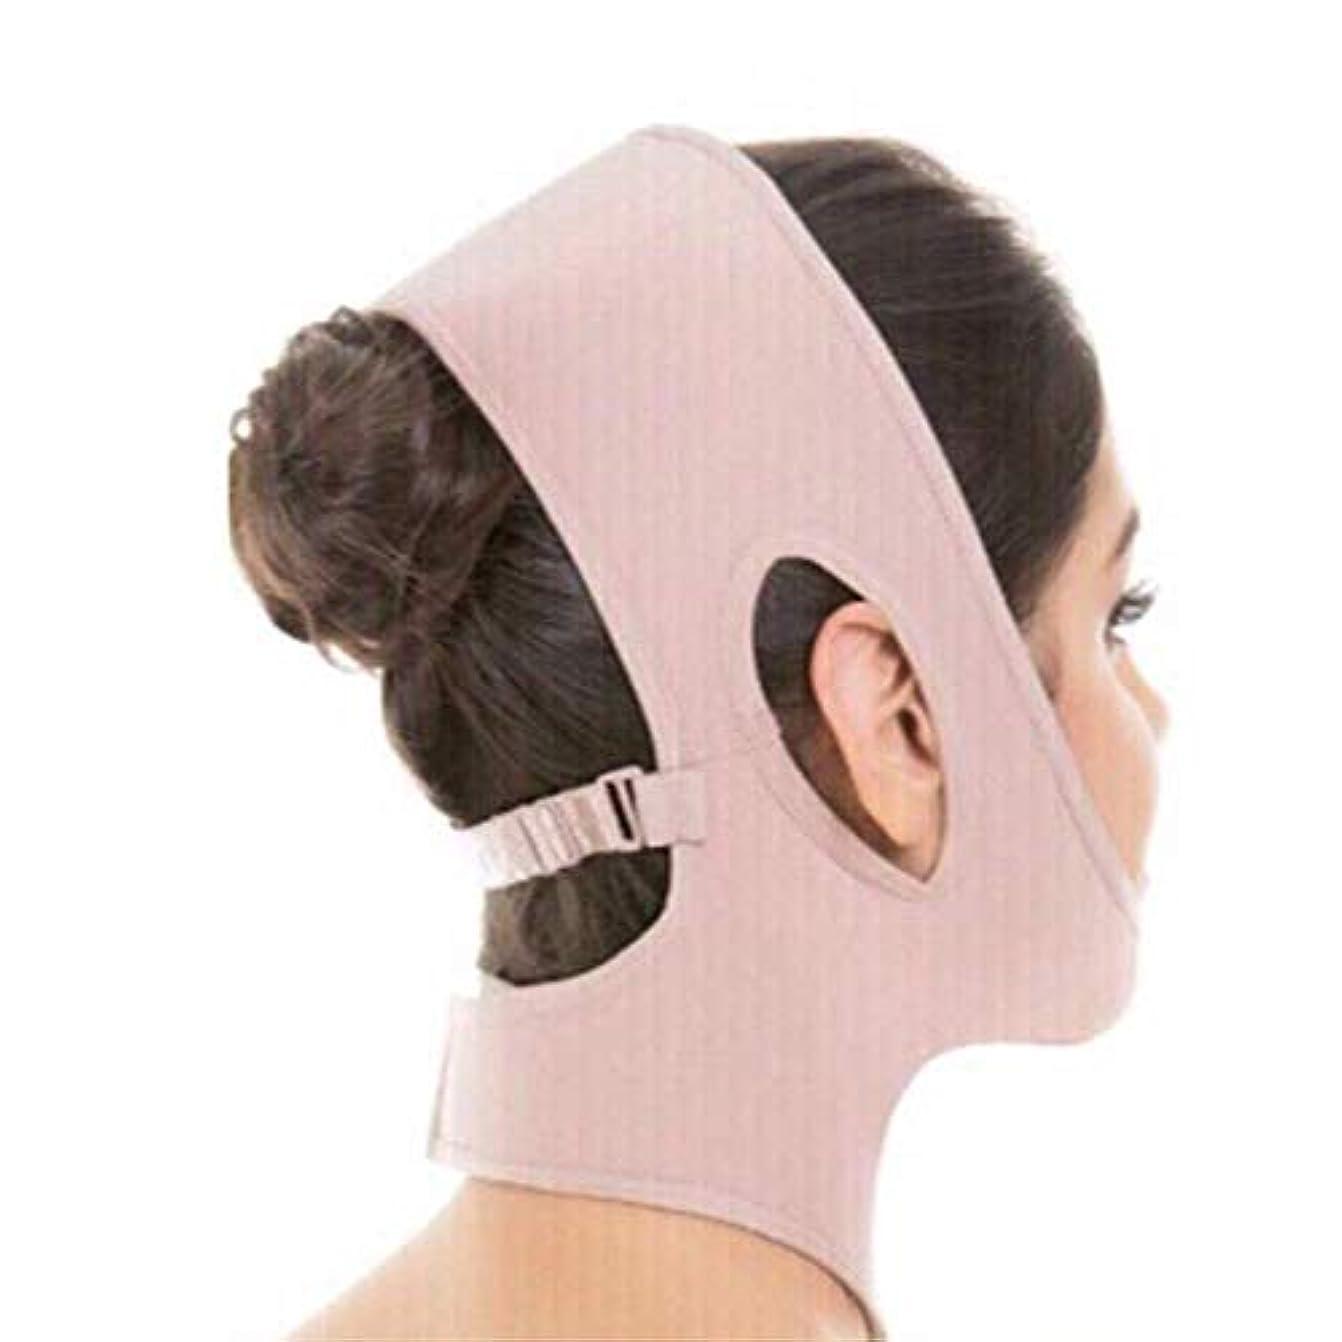 混沌タッチ誰もフェイスリフティングバンデージ、フェイスリフティングマスク、顔面の首と首を持ち上げる、顔を持ち上げて二重あごを減らす(フリーサイズ)(カラー:カーキ色),カーキ